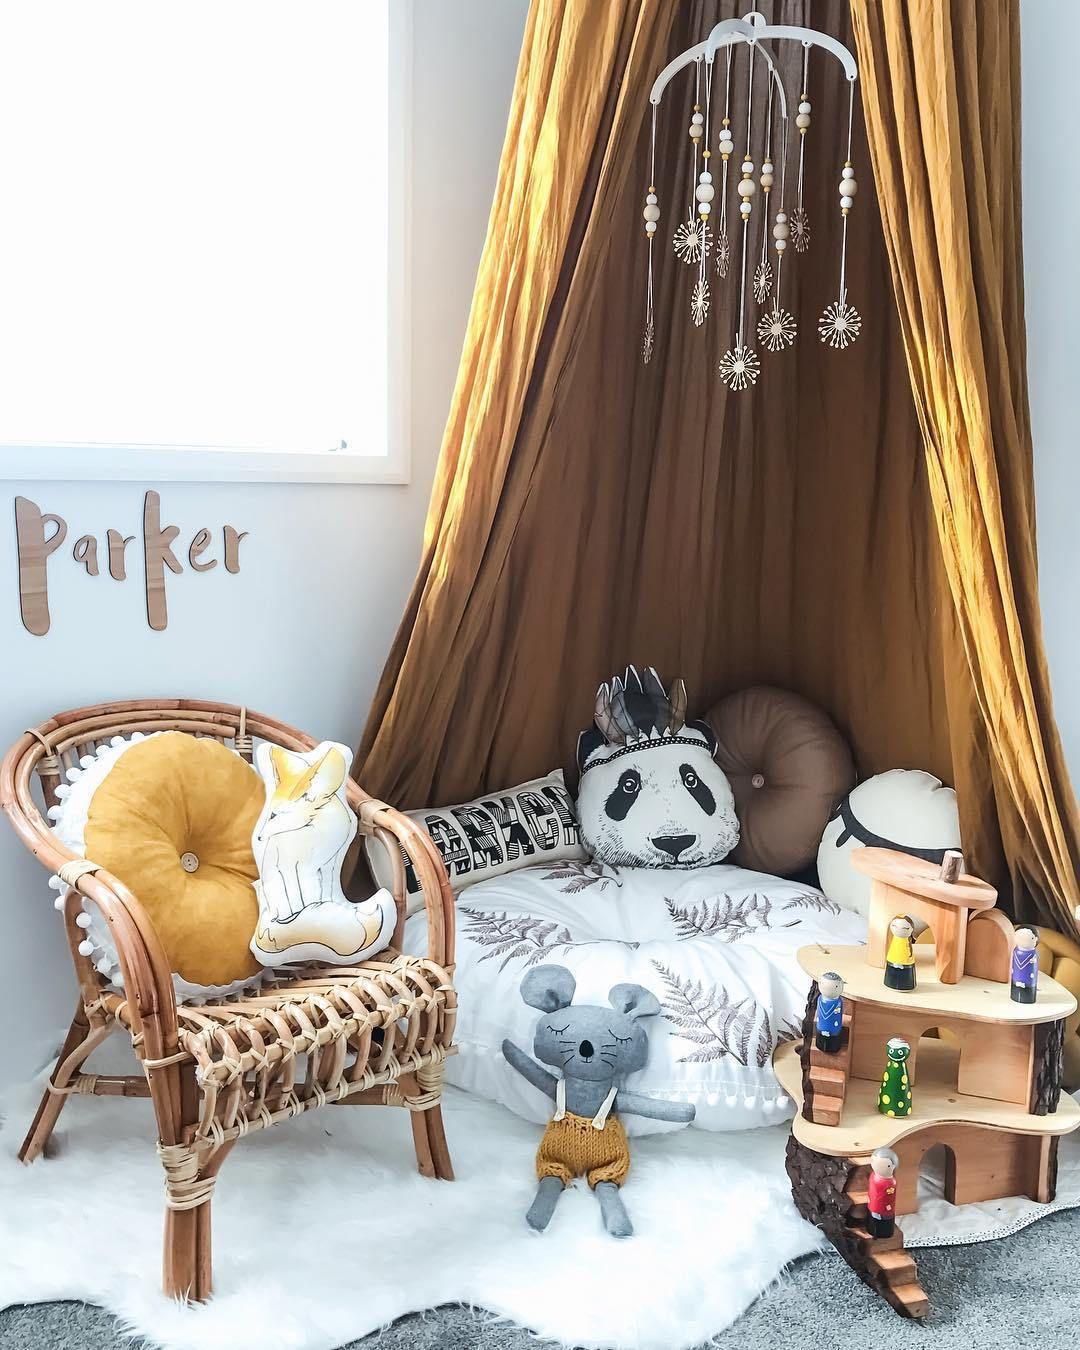 Une chambre d 39 enfant de r ve chambre d 39 enfant chambre enfant chambre b b foret d coration - Ou mettre son lit dans une chambre ...